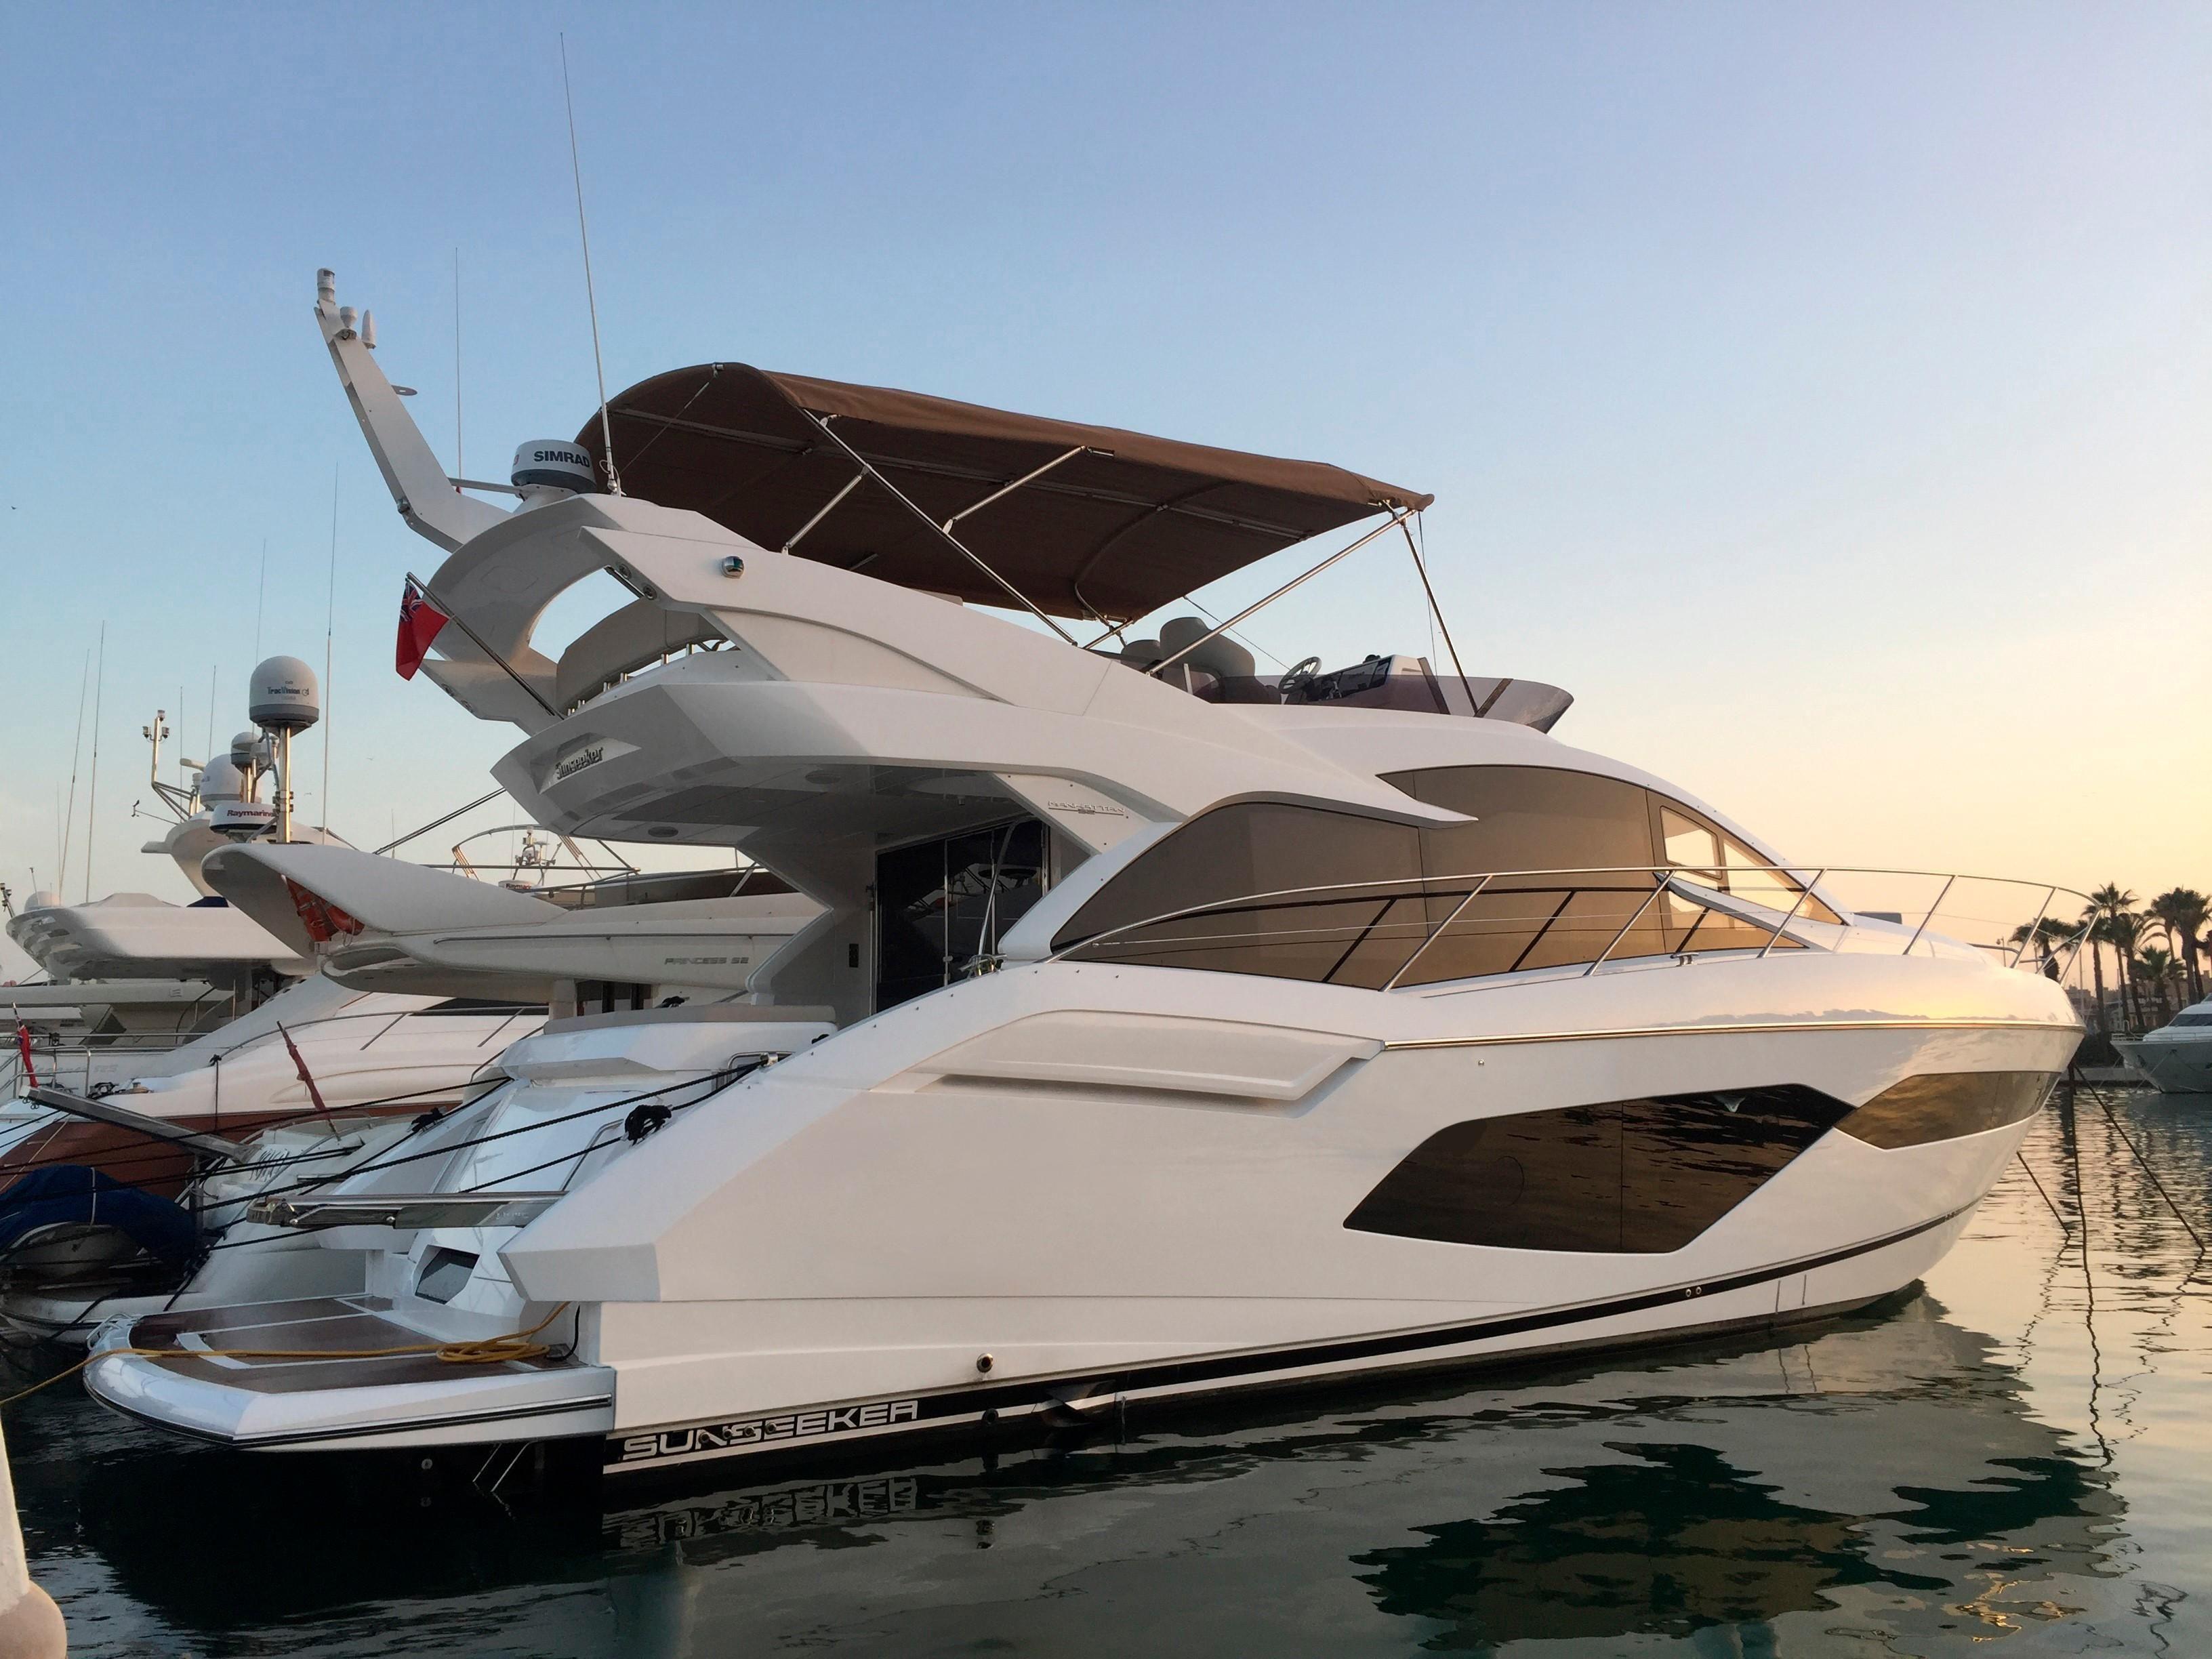 2017 Sunseeker Manhattan 52 Power Boat For Sale Www